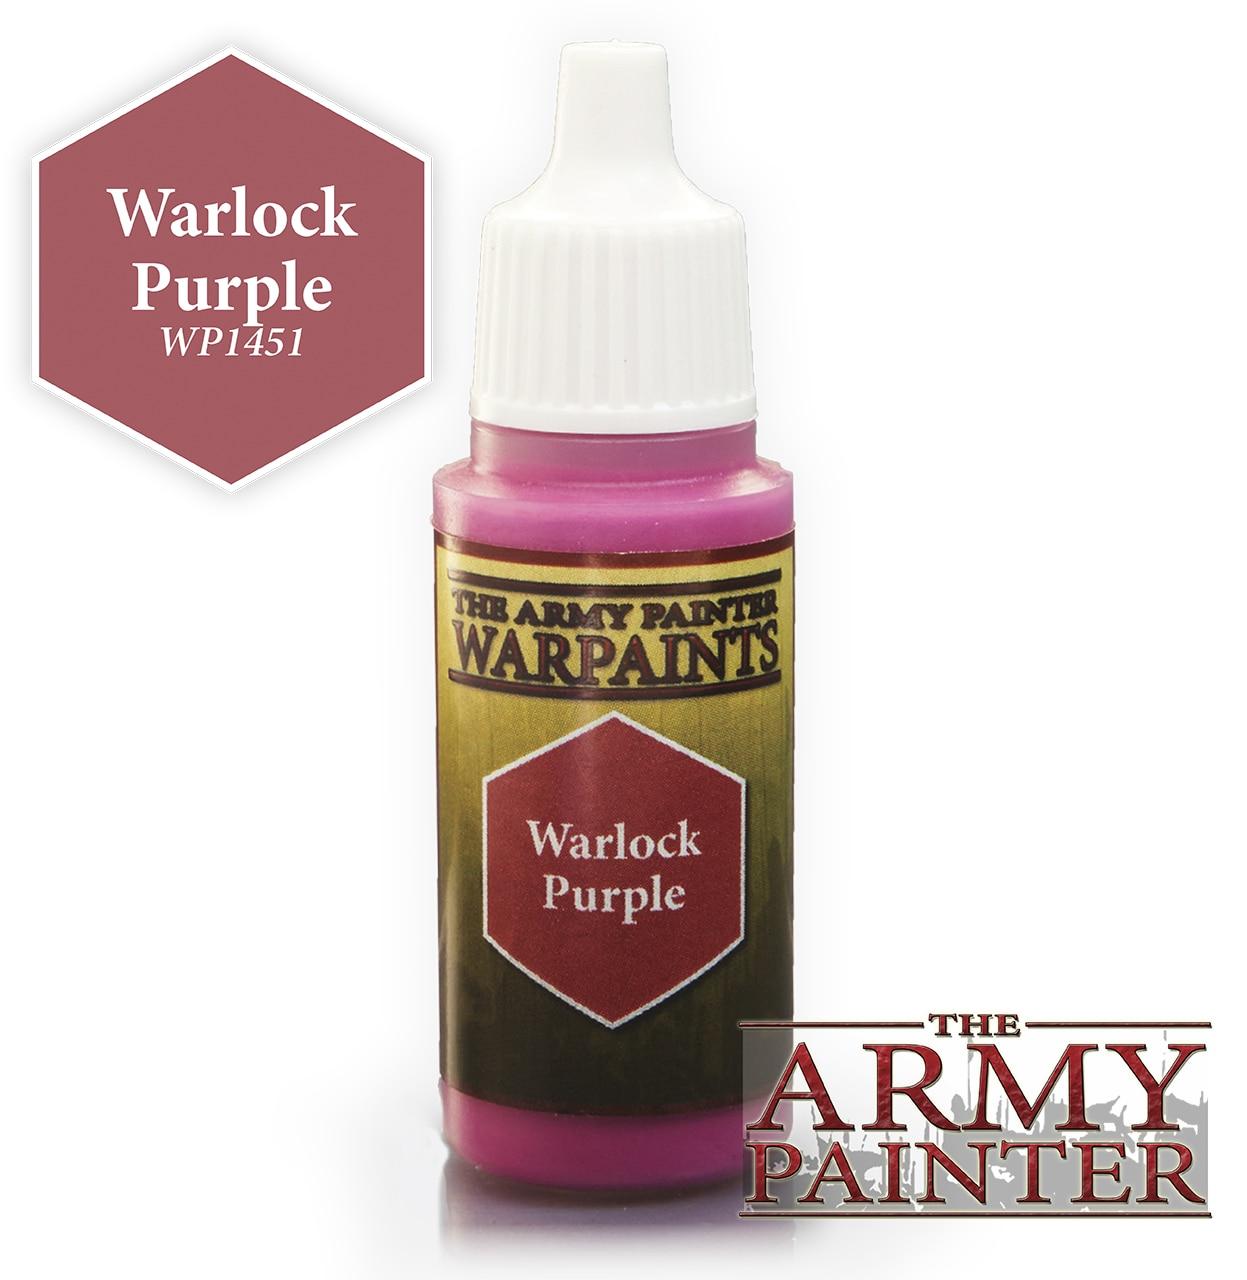 Army Painter Warpaint - Warlock Purple